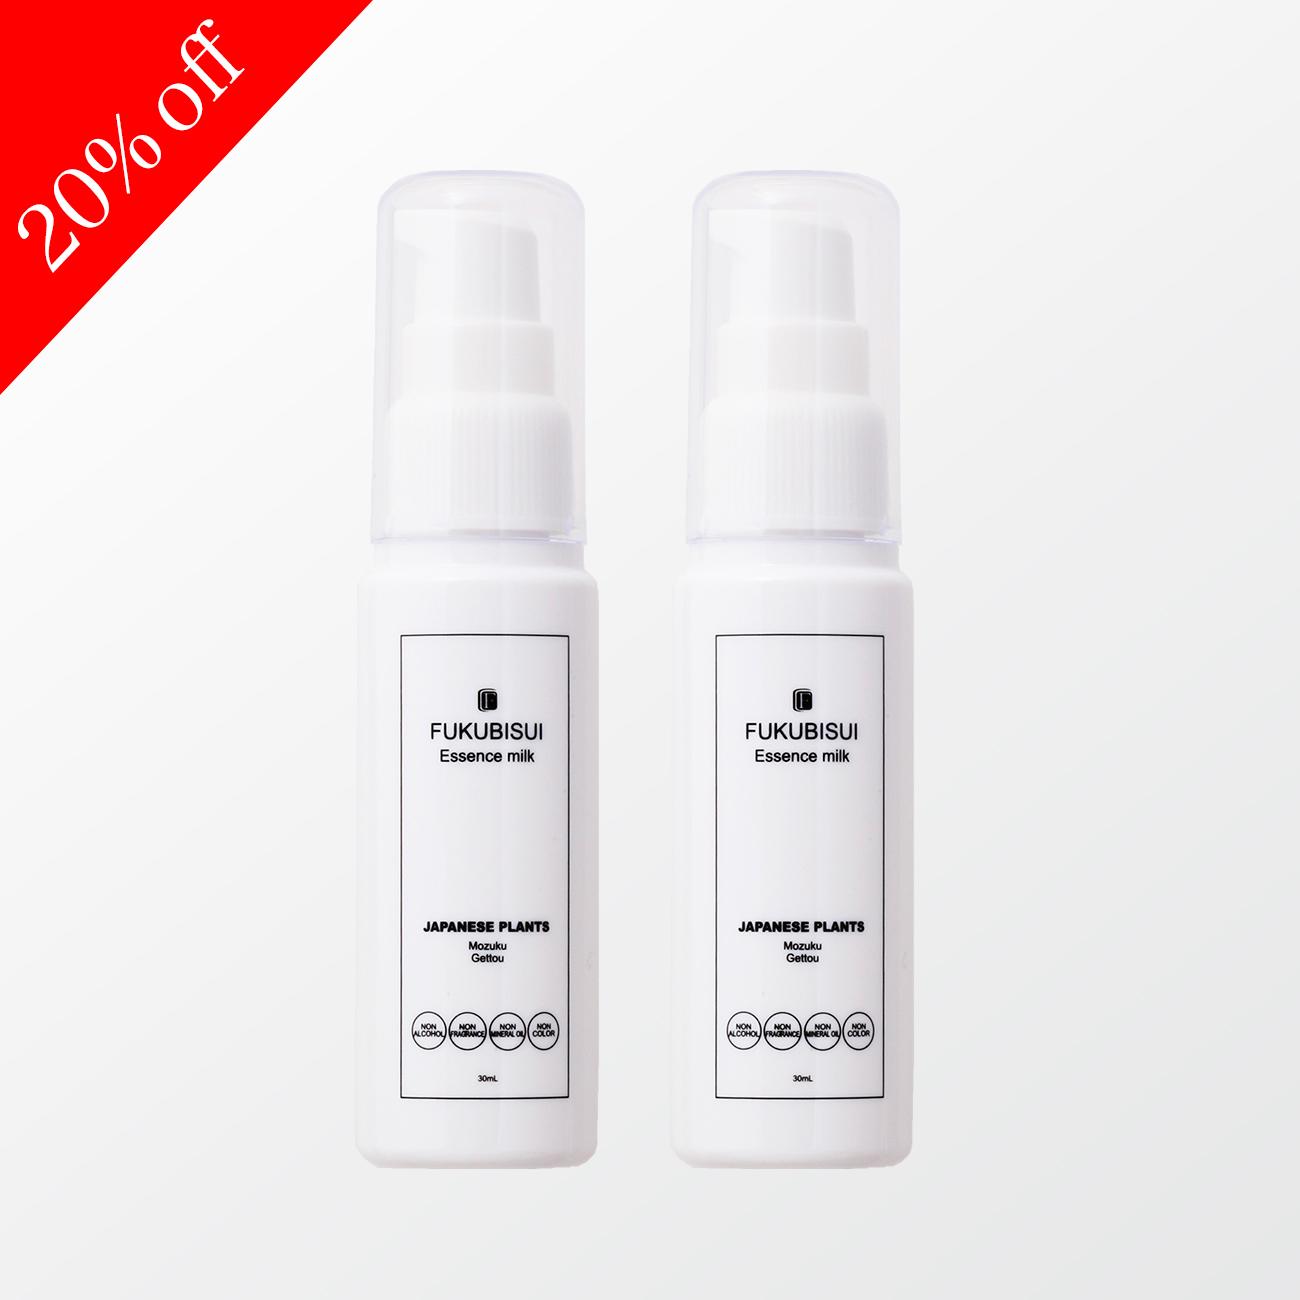 【定期購入】福美水 FUKUBISUI エッセンスミルク (美容乳液) 2本セット